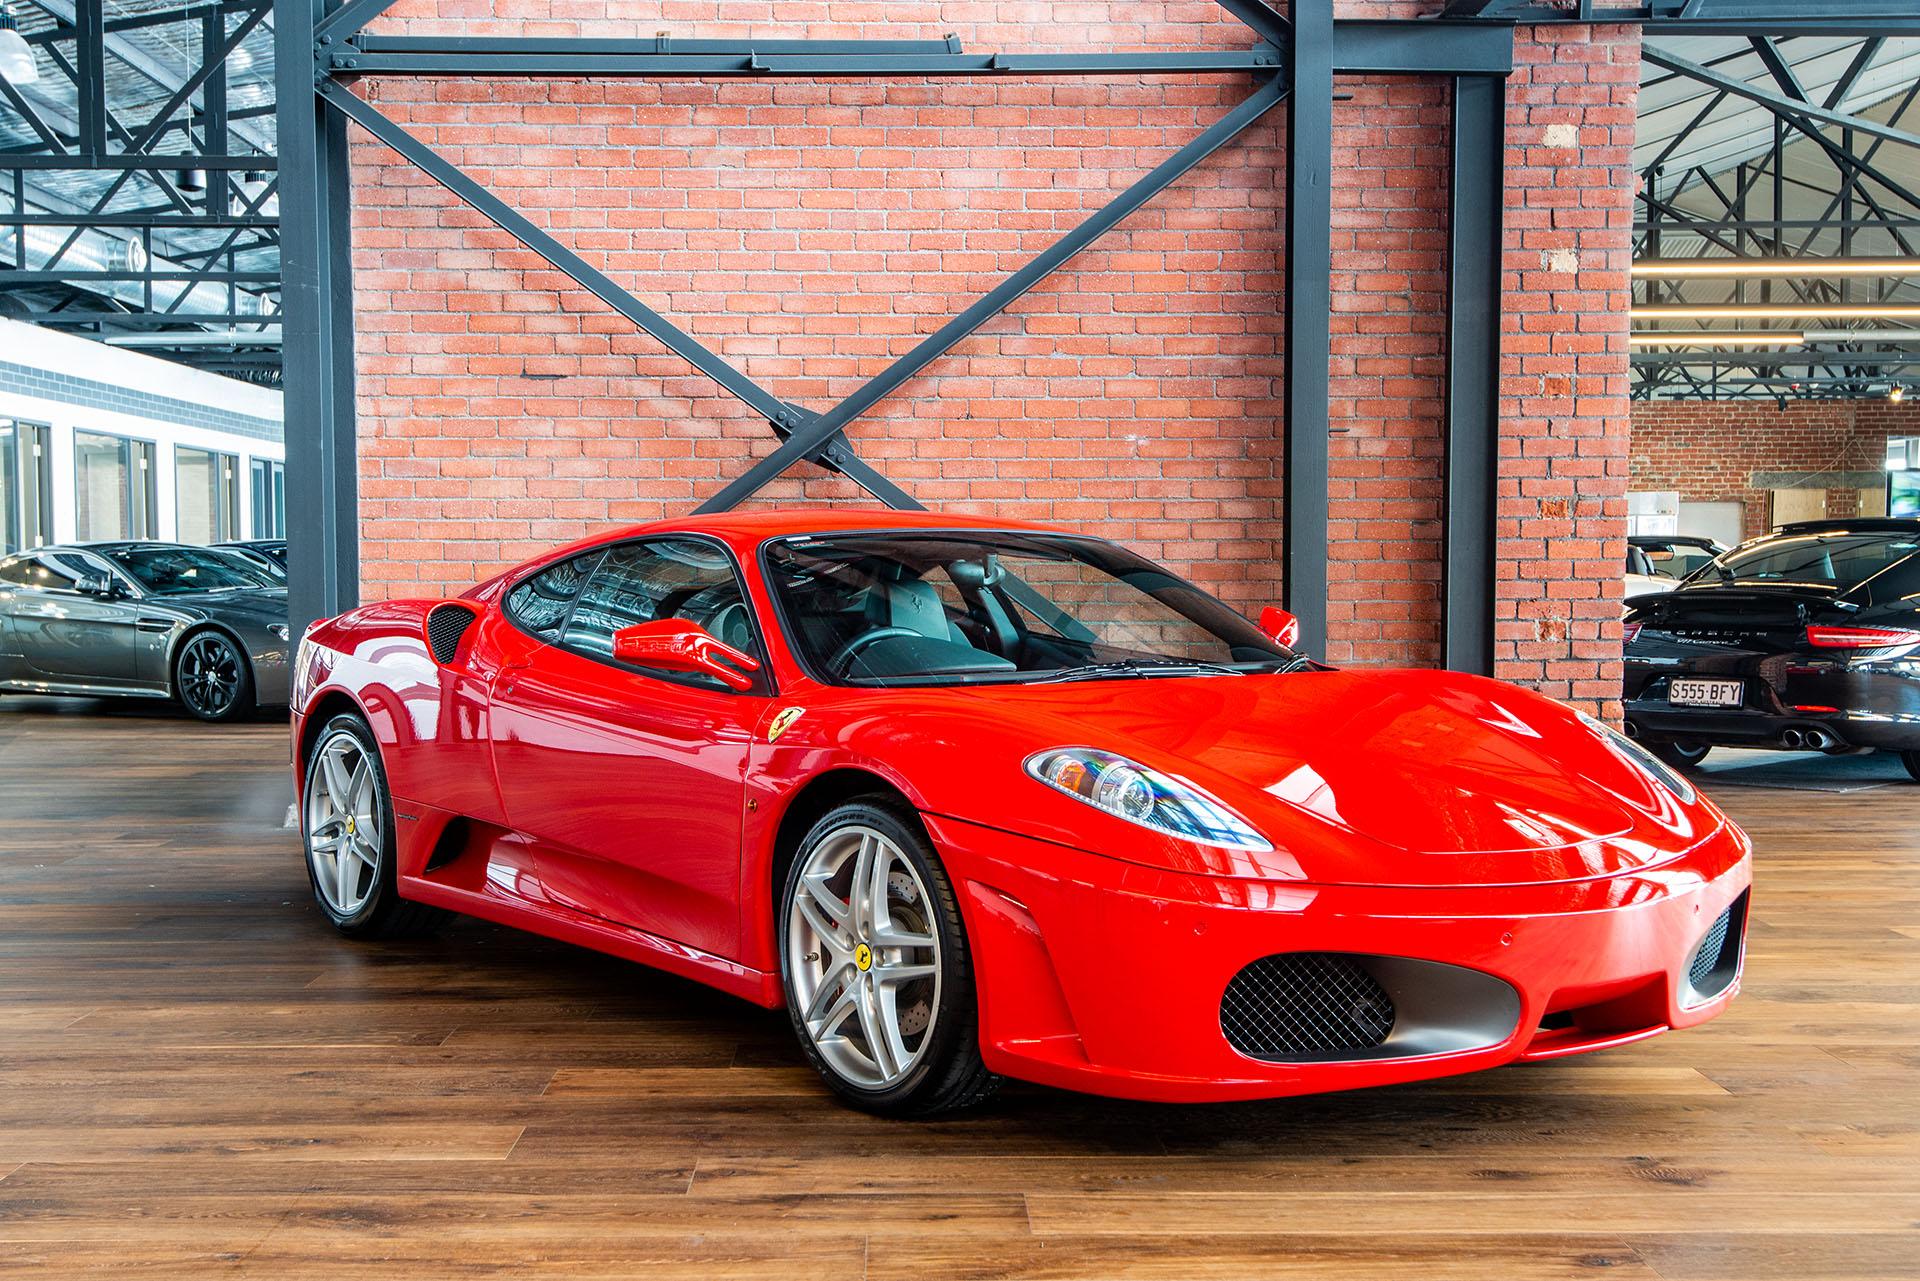 2006 Ferrari F430 Berlinetta Richmonds Classic And Prestige Cars Storage And Sales Adelaide Australia